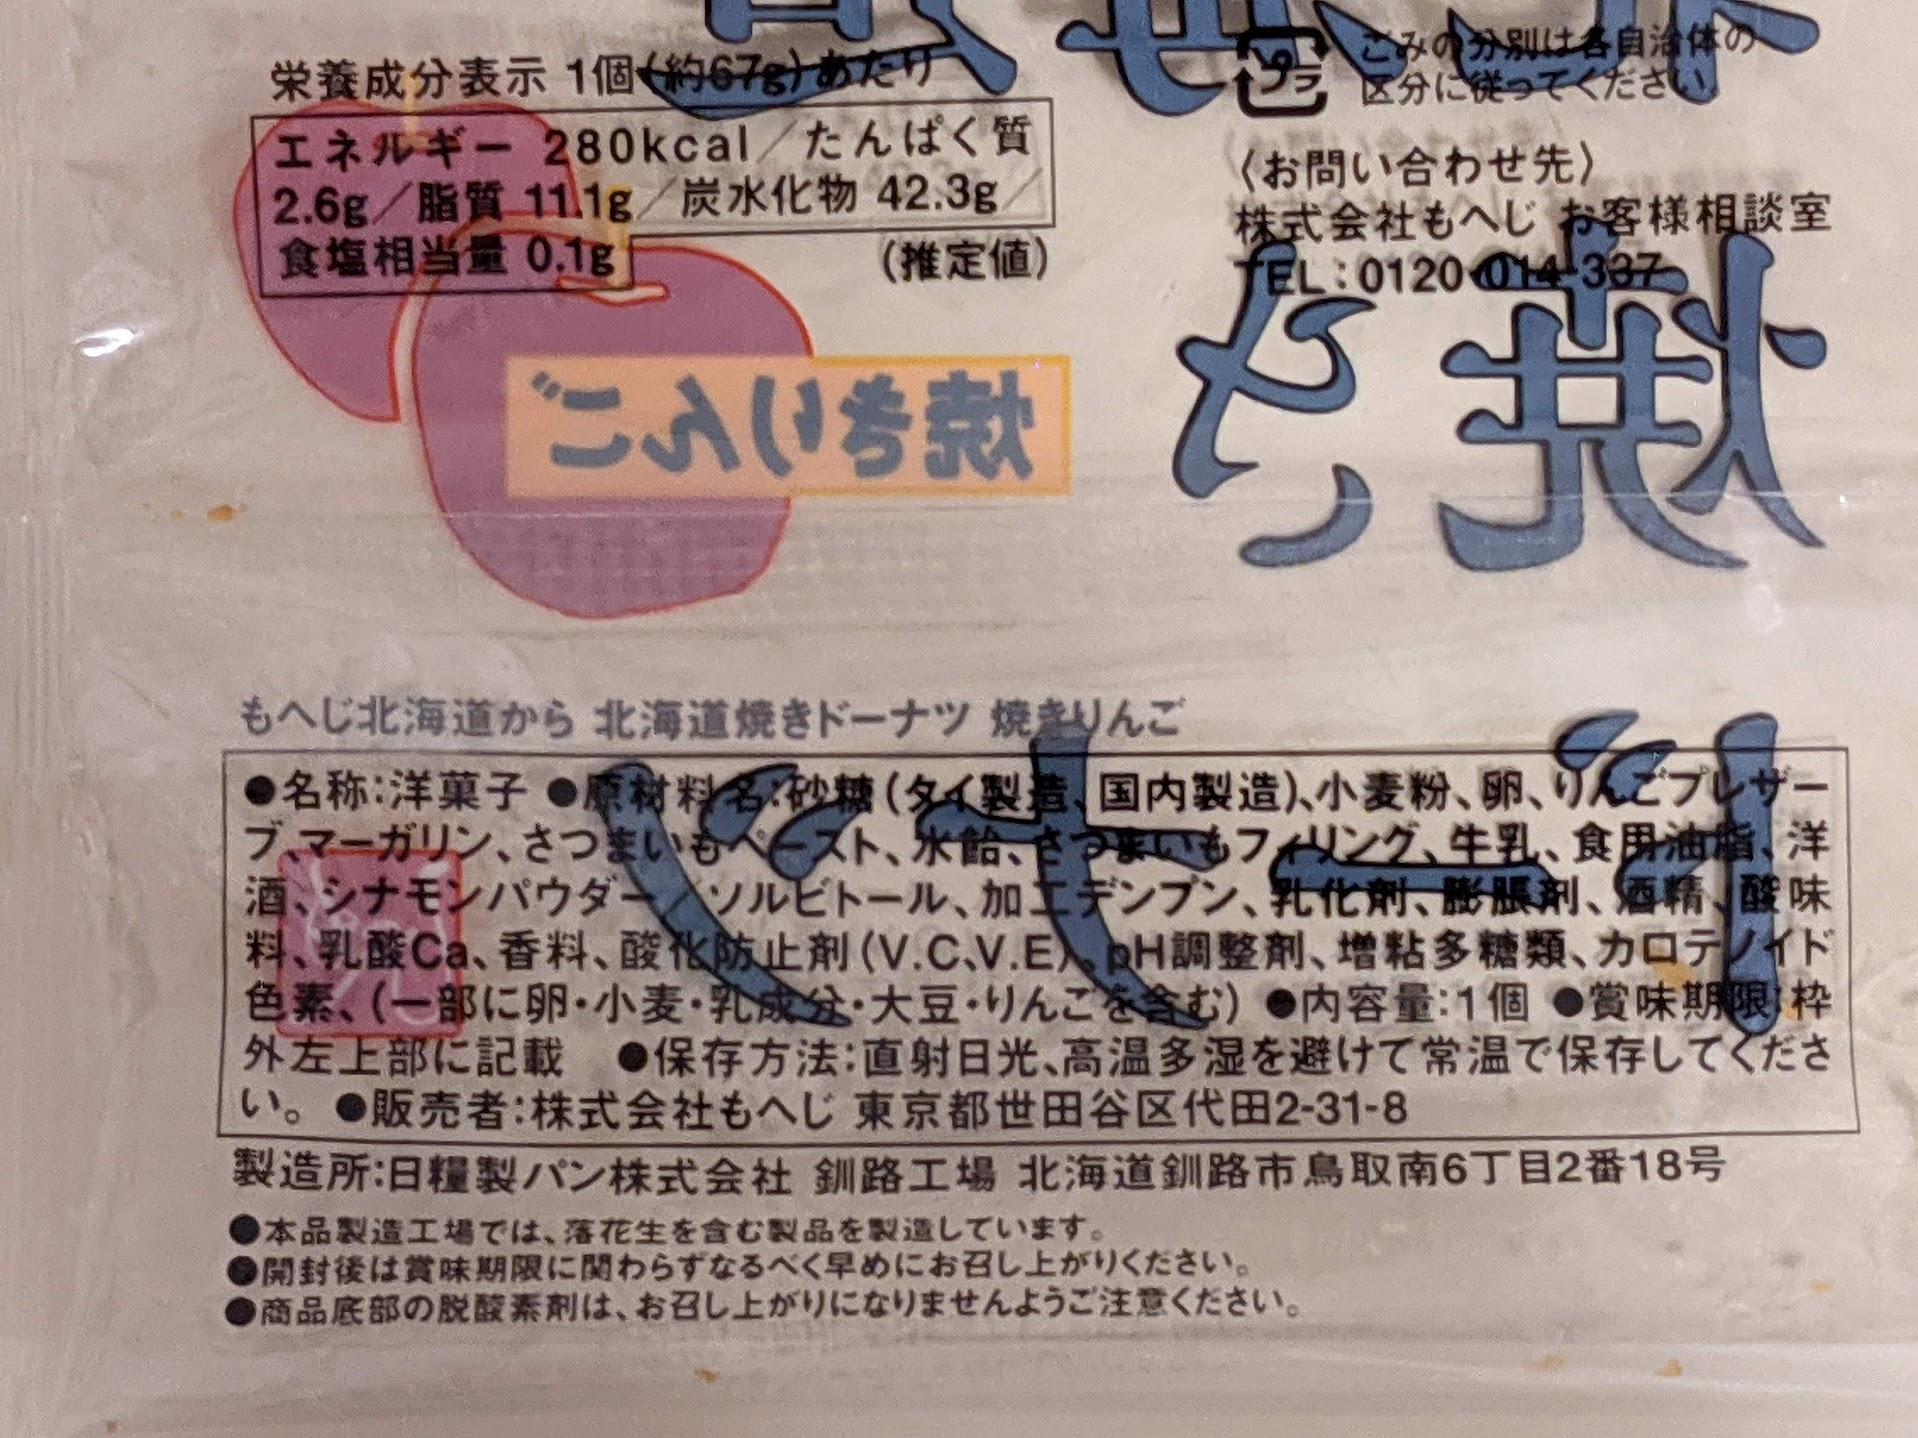 カルディ もへじ 北海道から 焼きドーナツ 焼きりんご 栄養成分表示